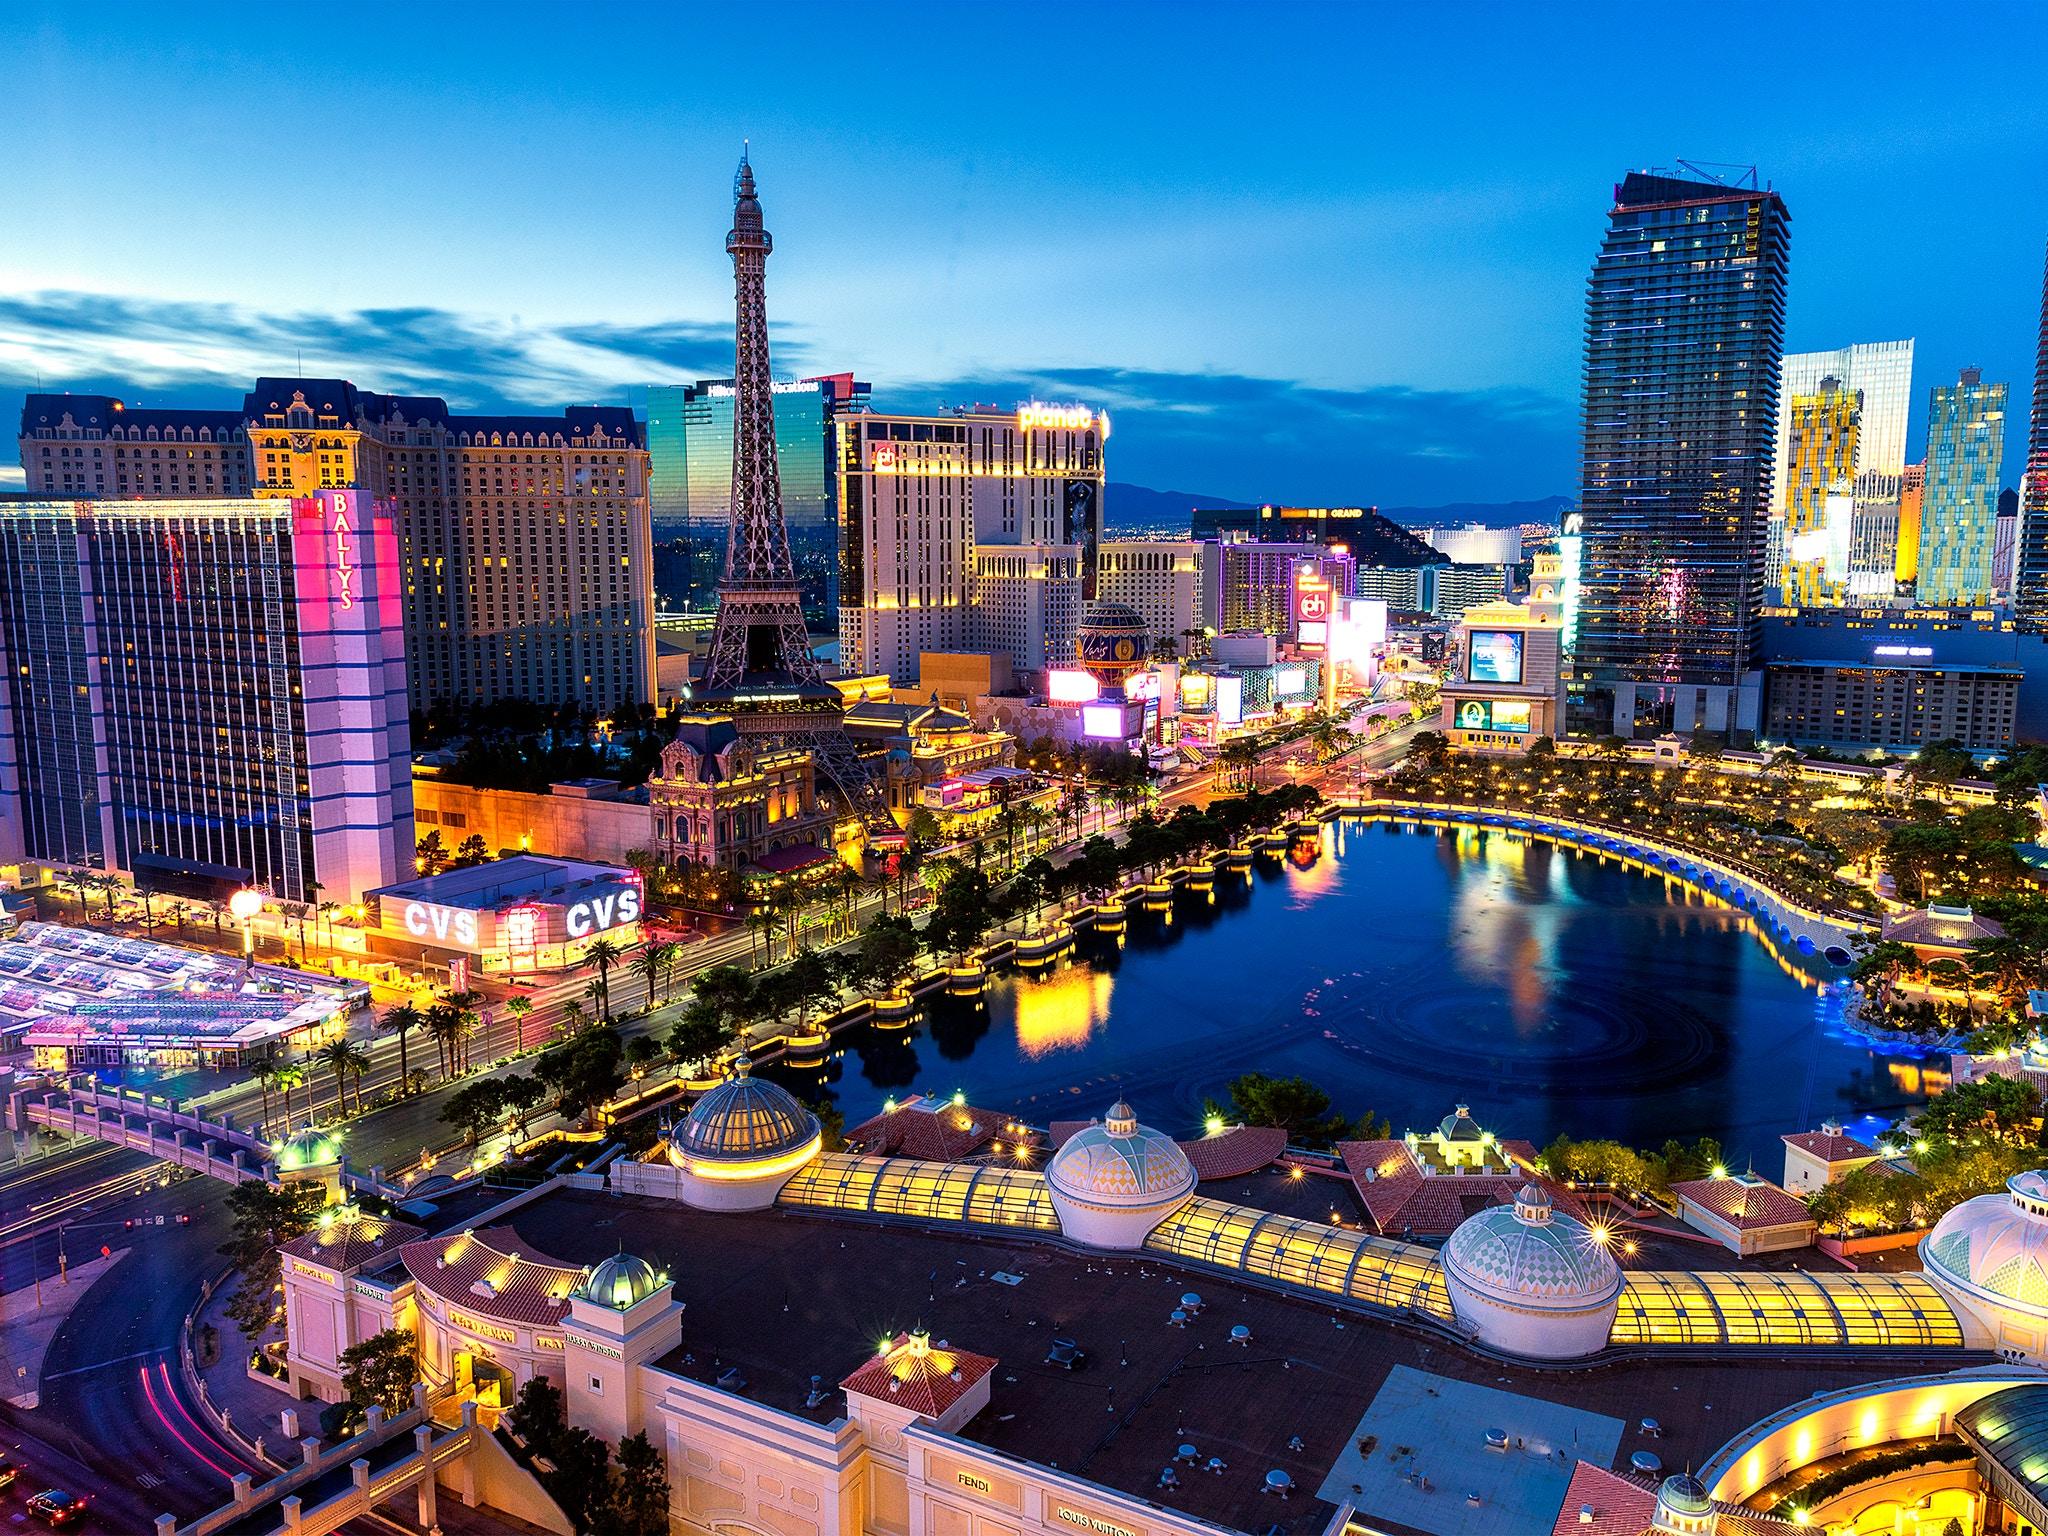 Las Vegas city view at night